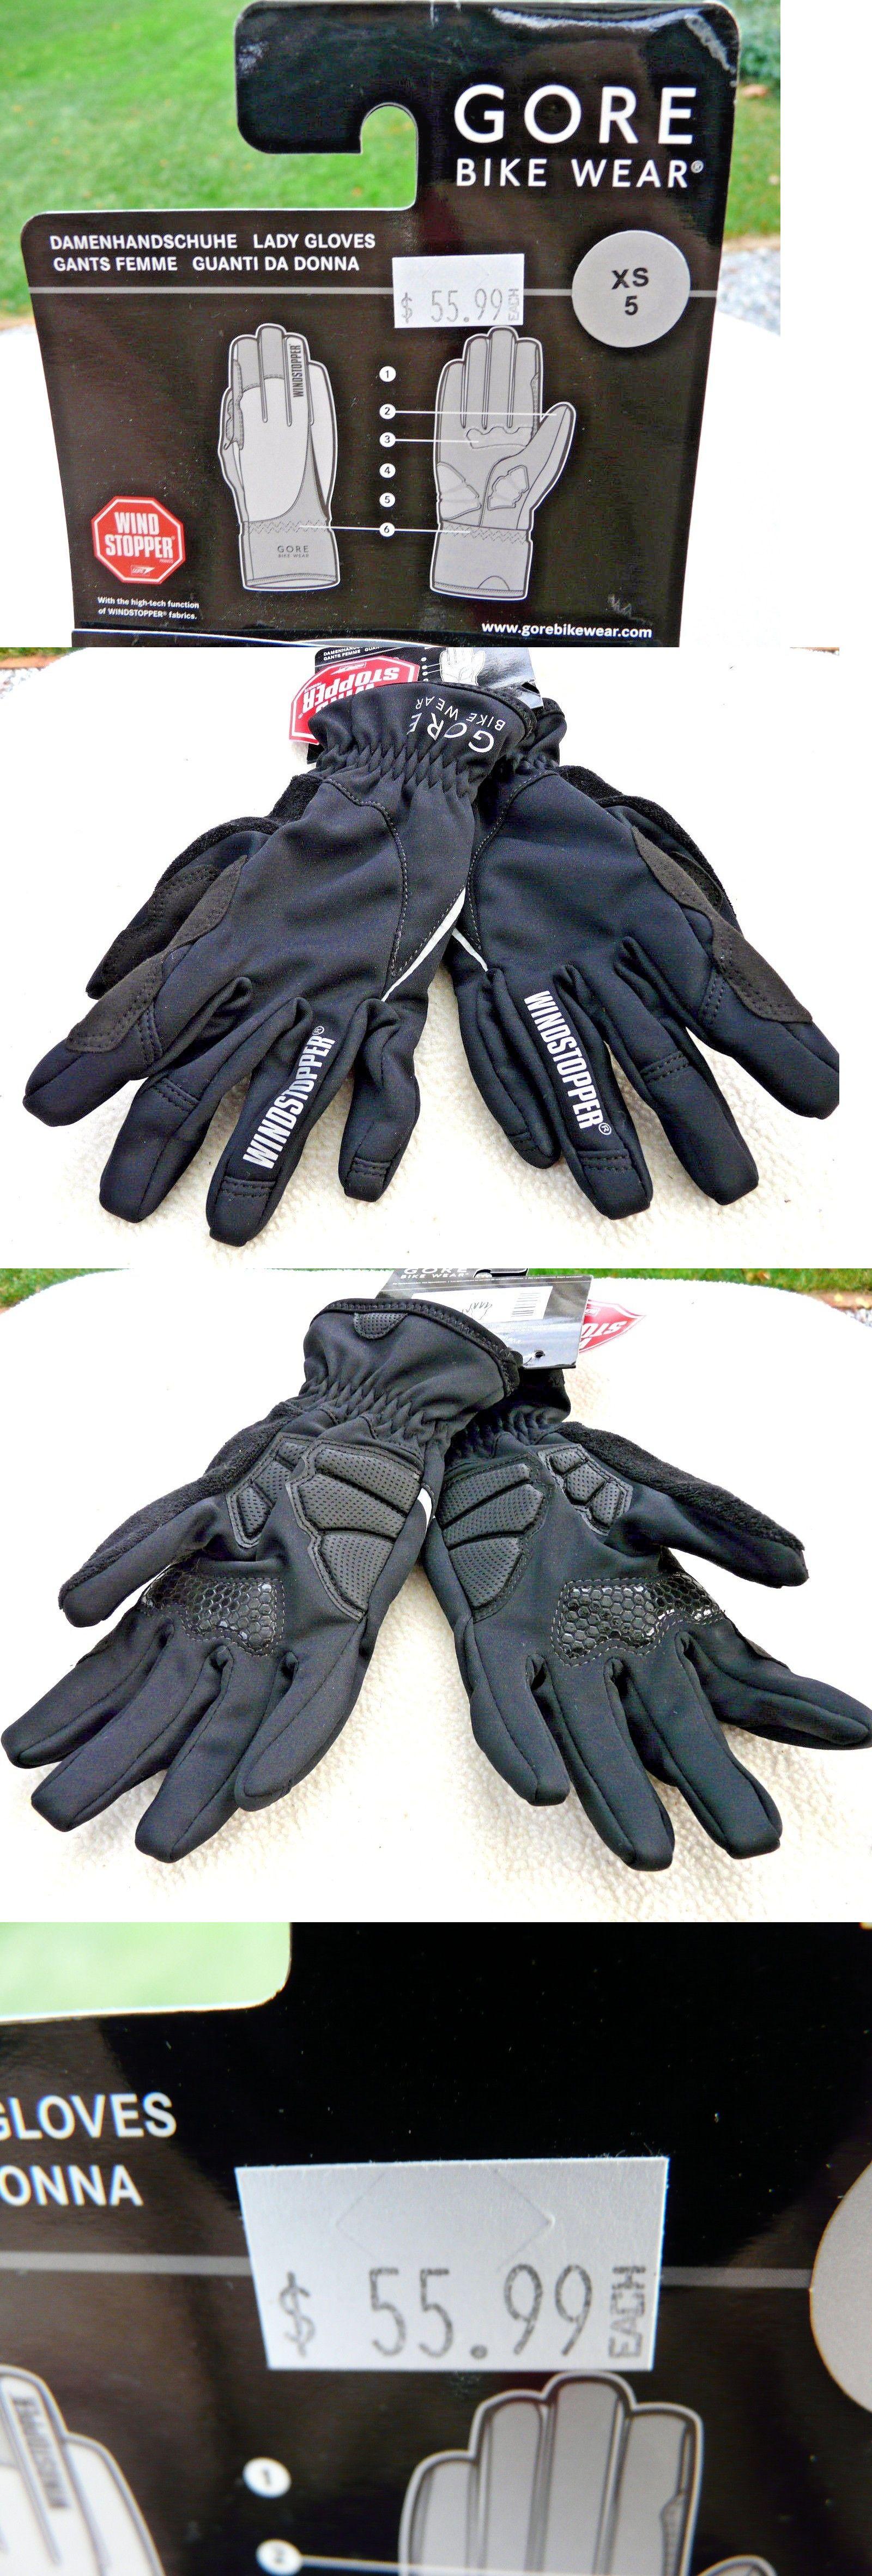 Gloves gore bike wear ladies power soft padded windstopper